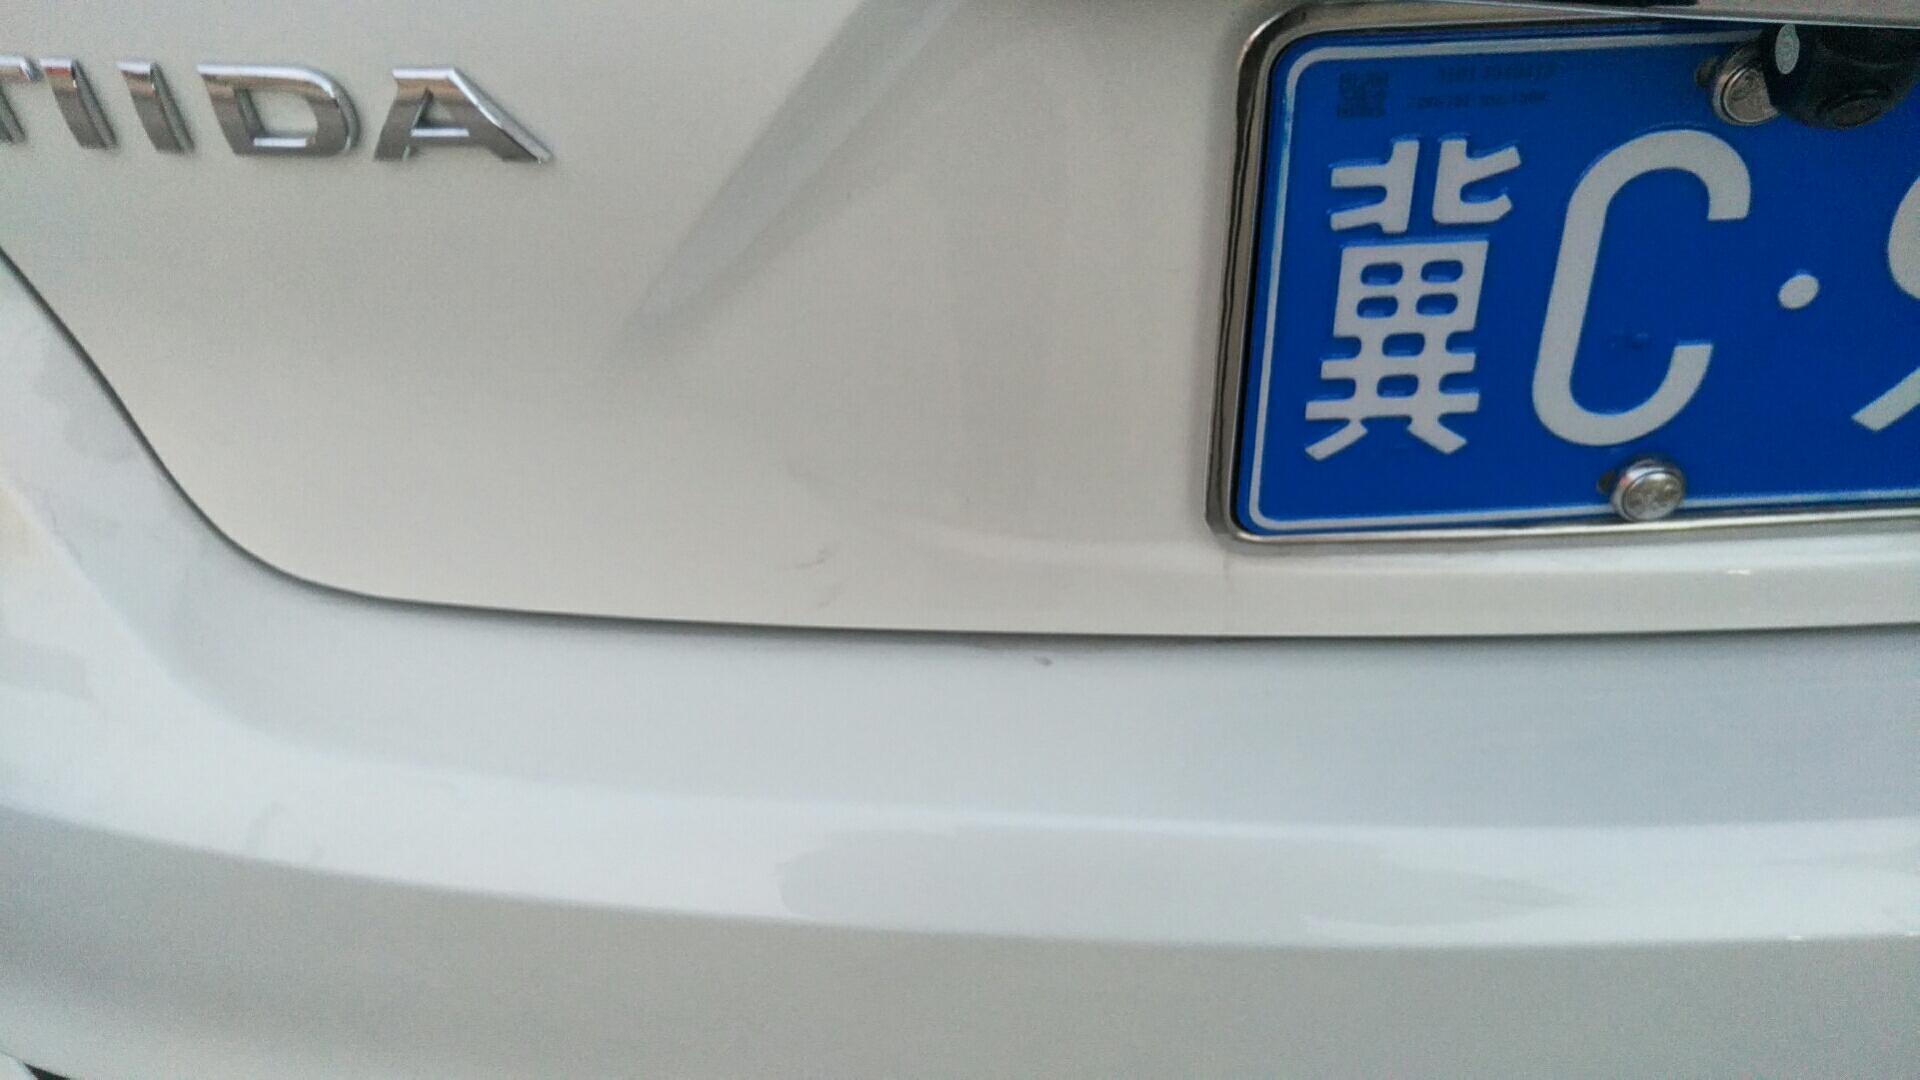 一夜七次郎官网-骐达 买车3个月,后保险杠漆面掉色严重,与后备箱漆面形成明显色差